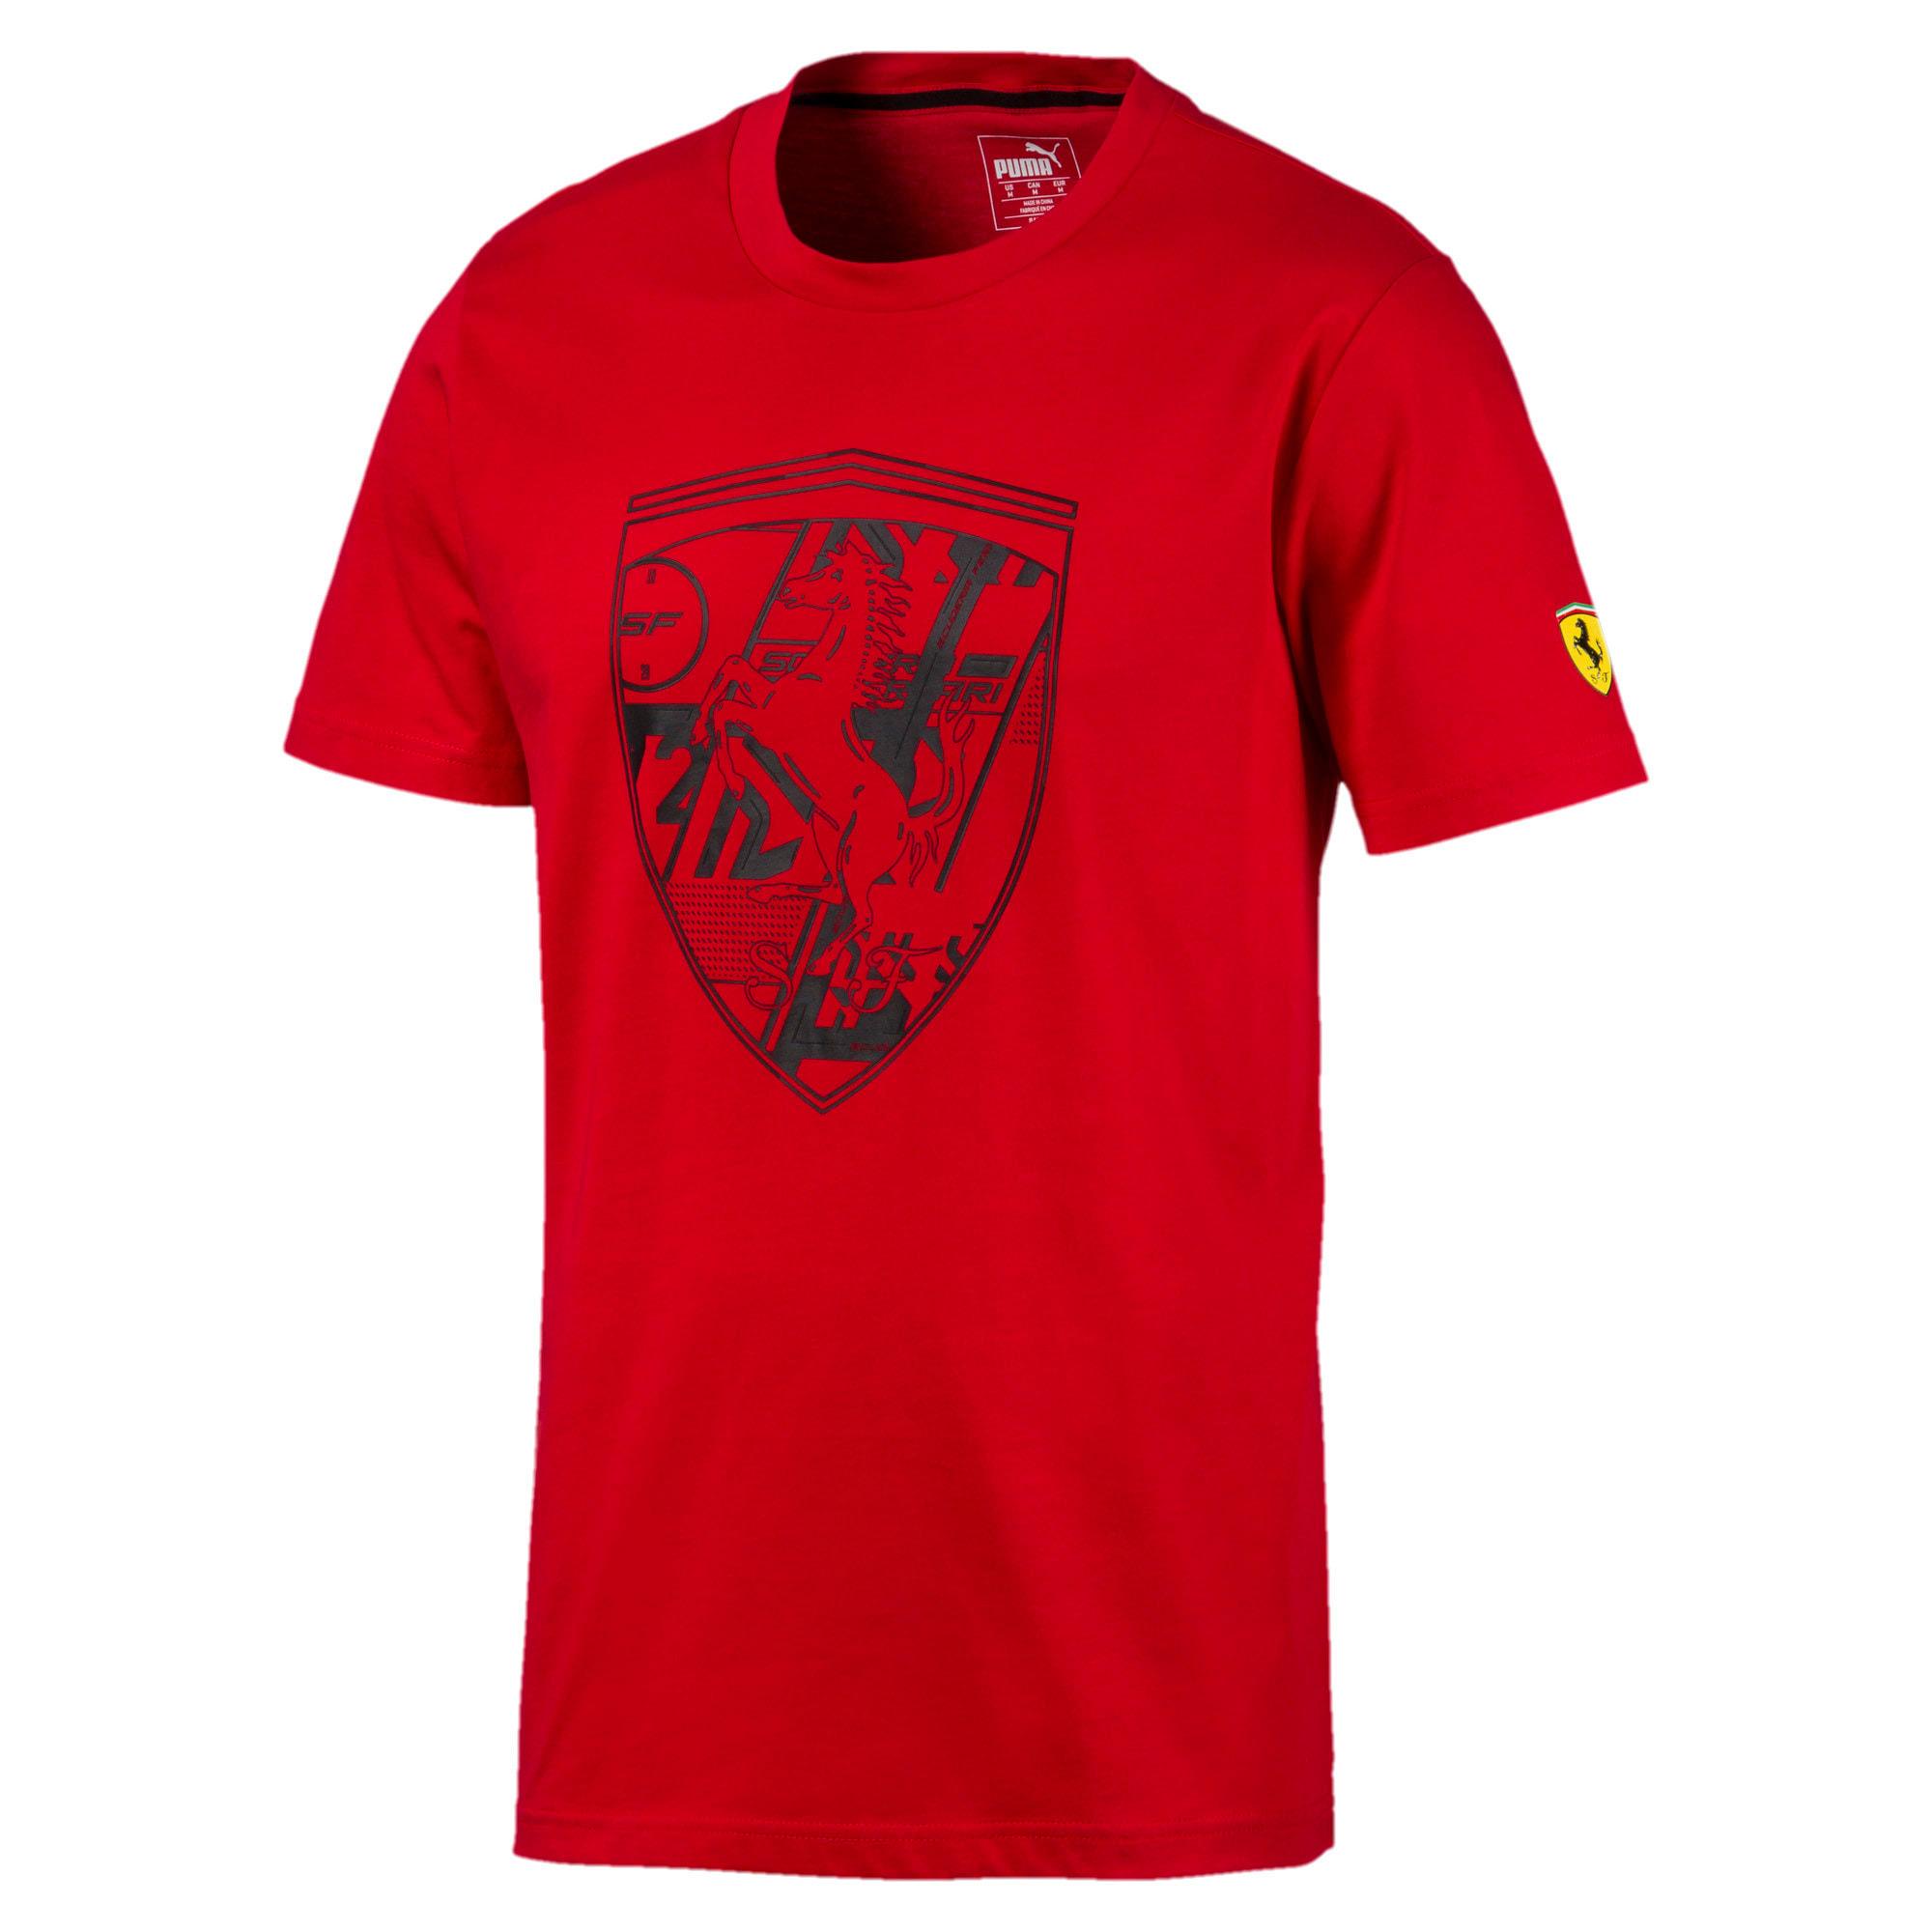 Thumbnail 1 of フェラーリ ビッグシールド Tシャツ + 半袖, Rosso Corsa, medium-JPN